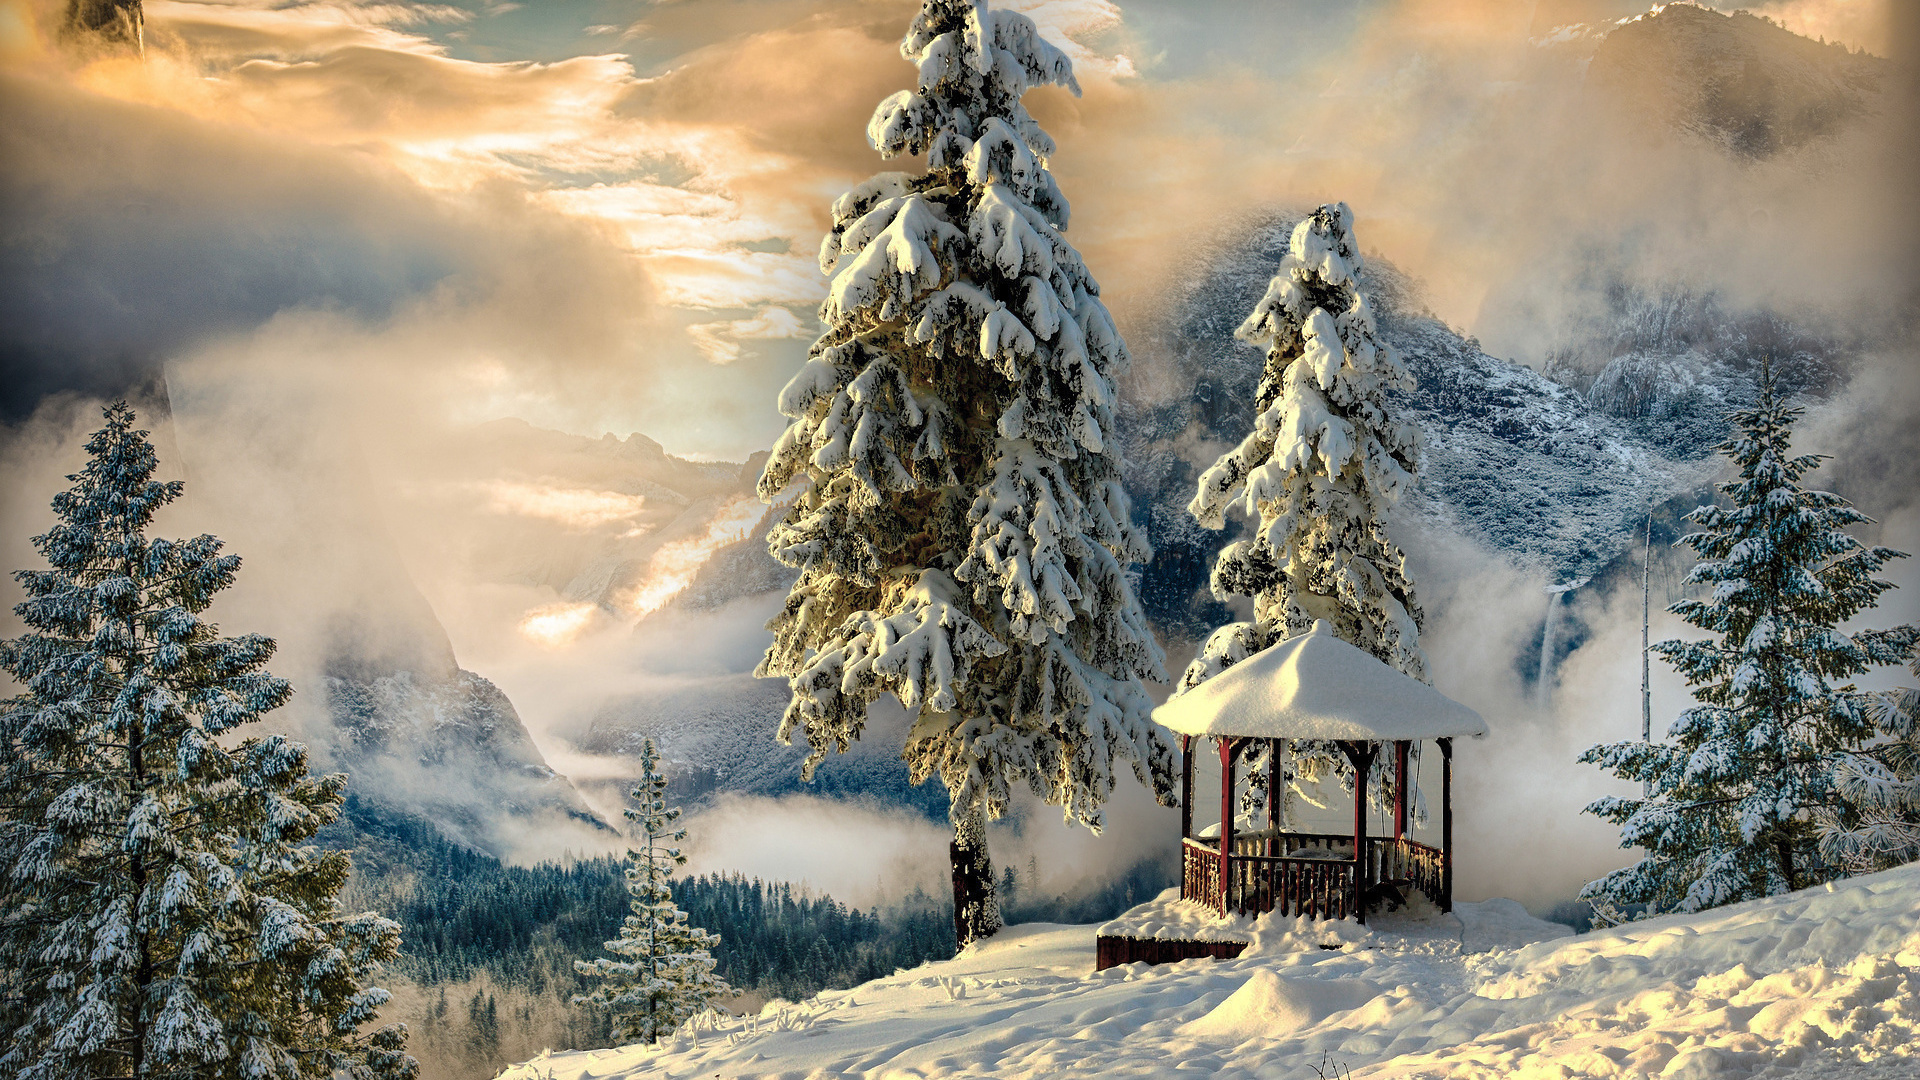 Лет, картинки новогодние пейзажи на телефон